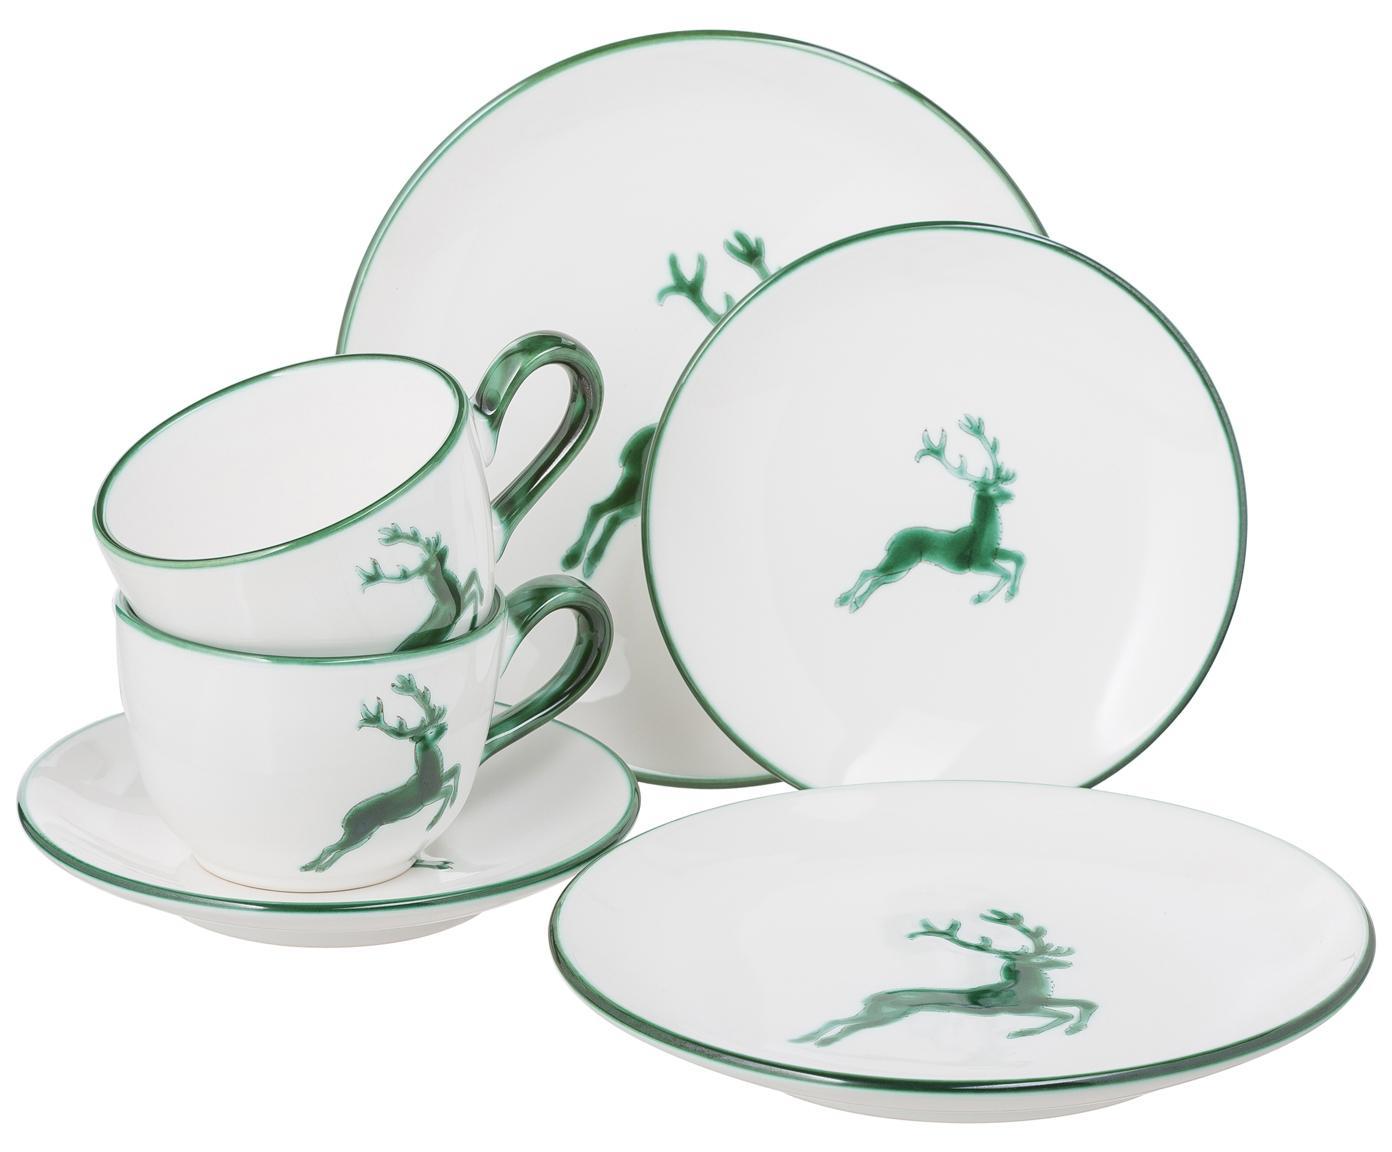 Ręcznie malowany serwis do kawy Classic Grüner Hirsch, 6 elem., Ceramika, Zielony, biały, Różne rozmiary